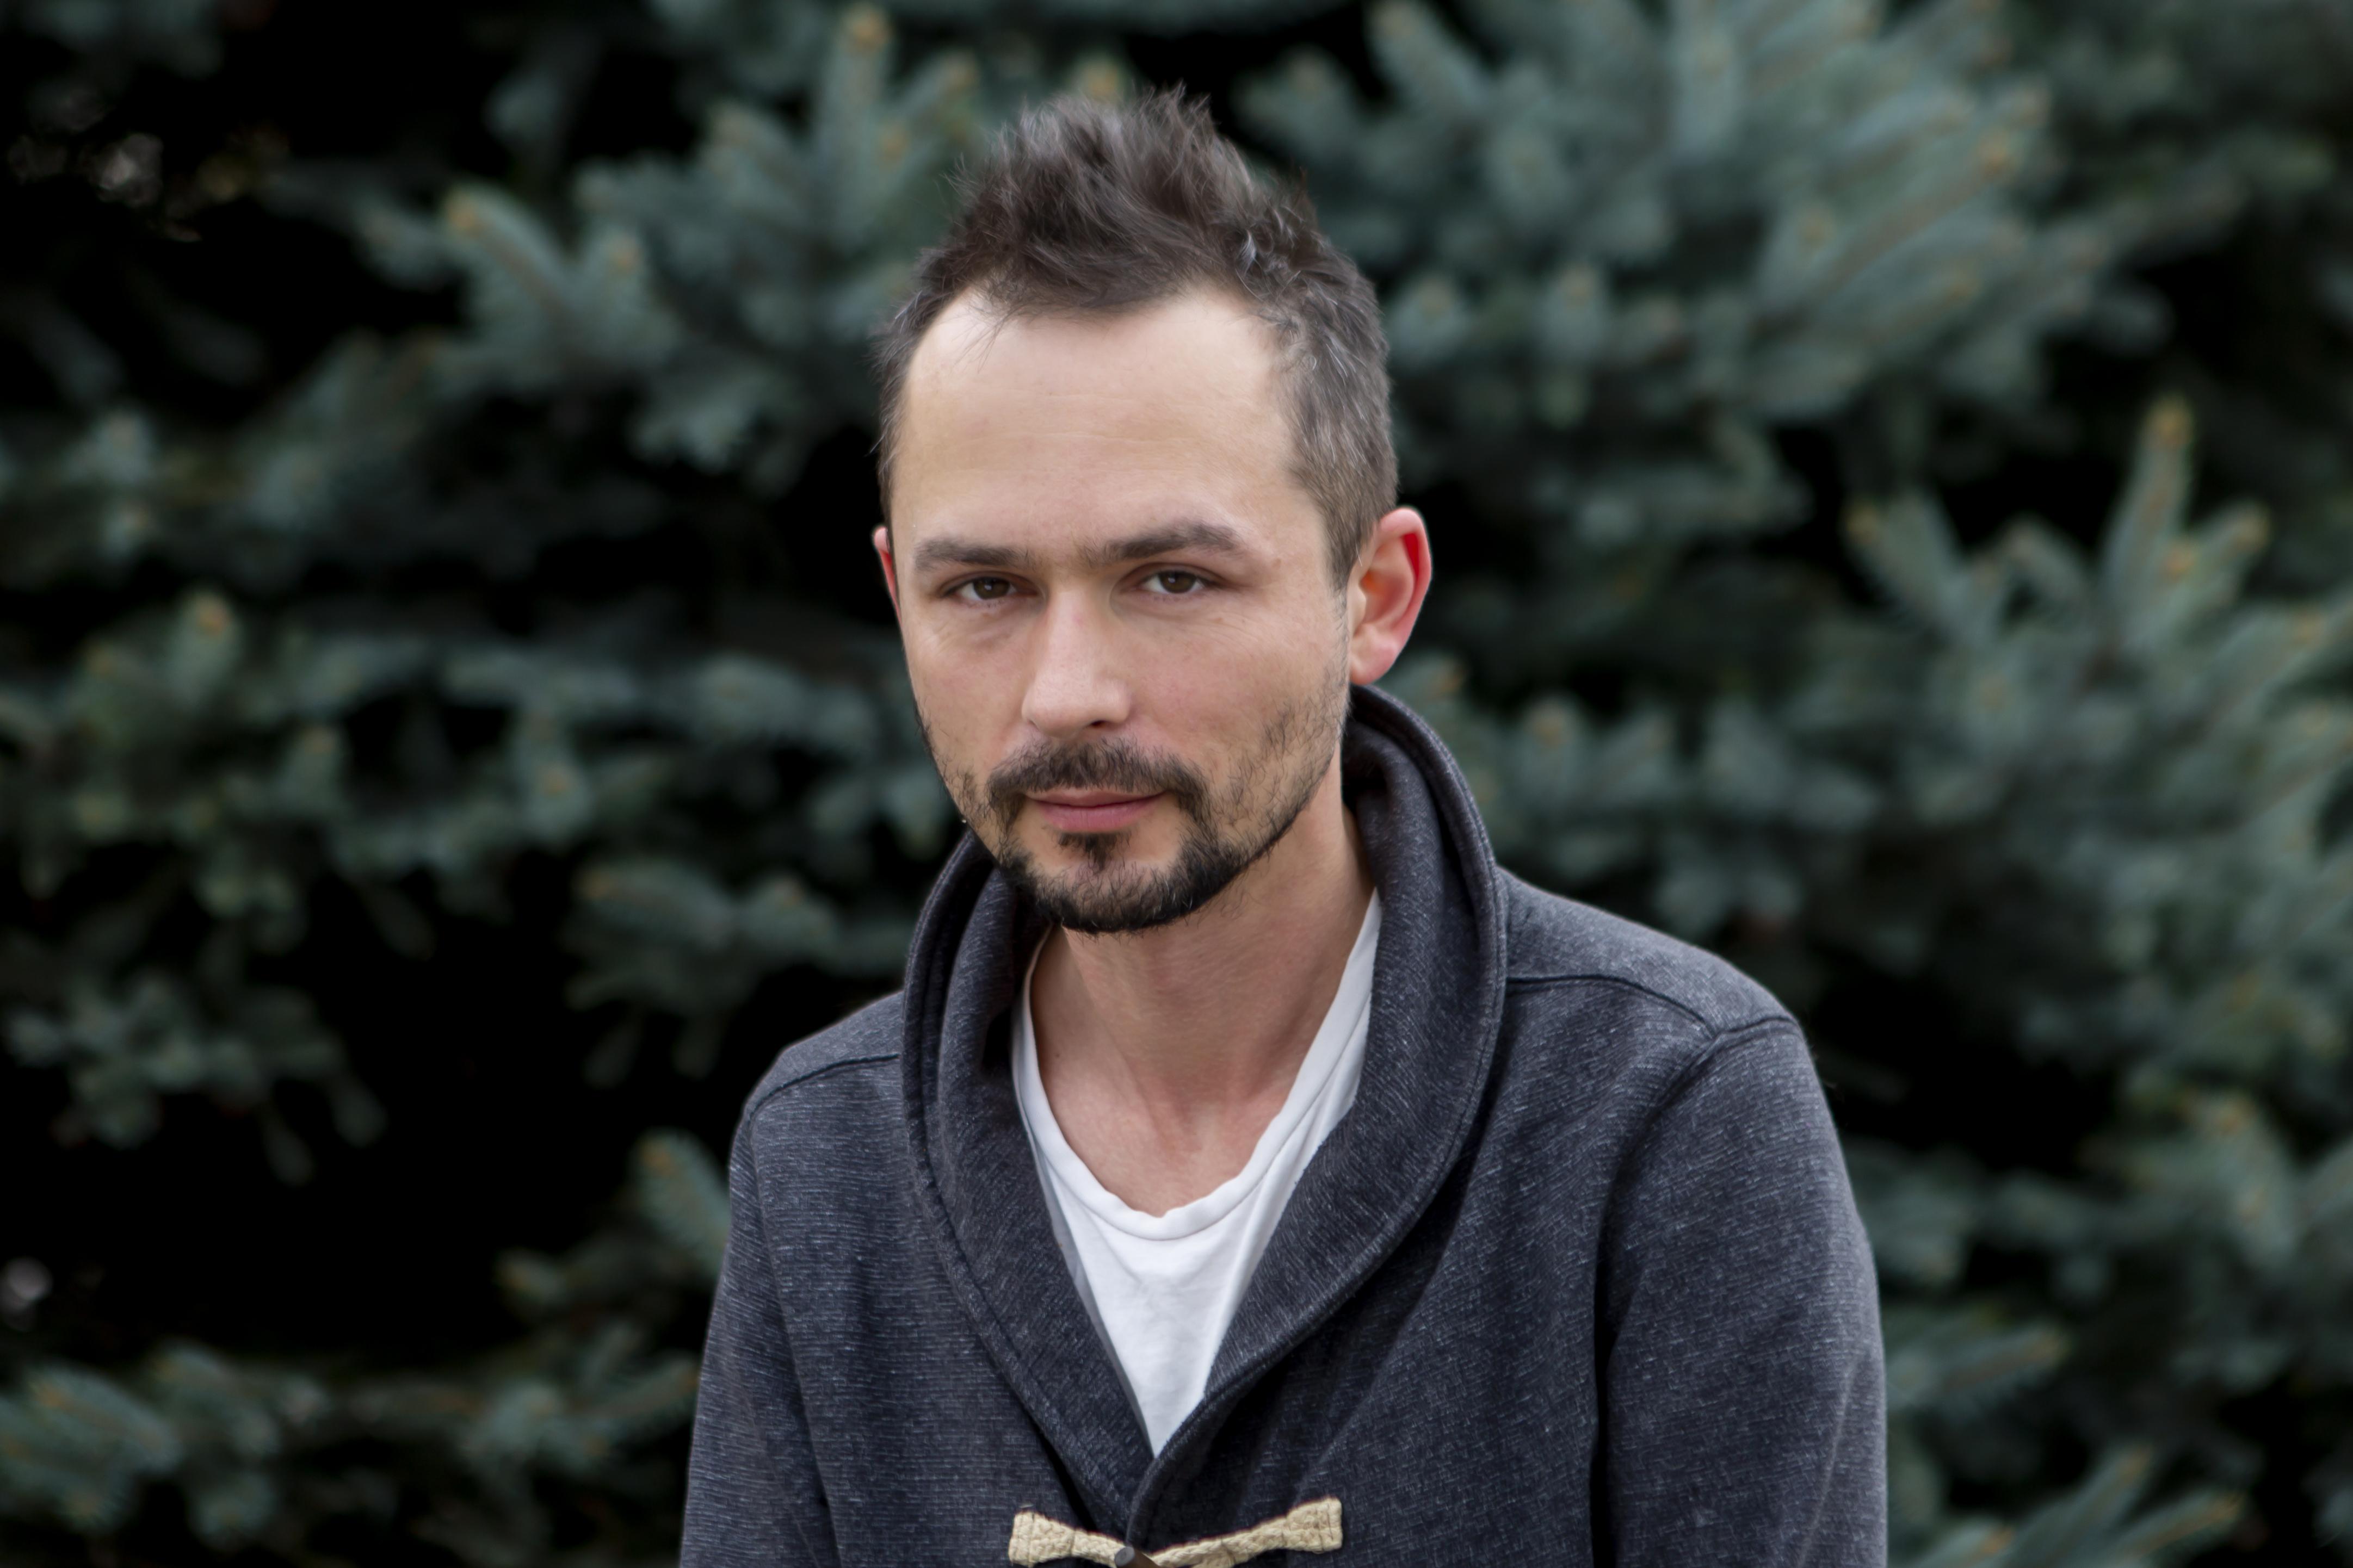 Zdjęcie przedstawia mężczyznę. Ma wąsy i niewielką brodę